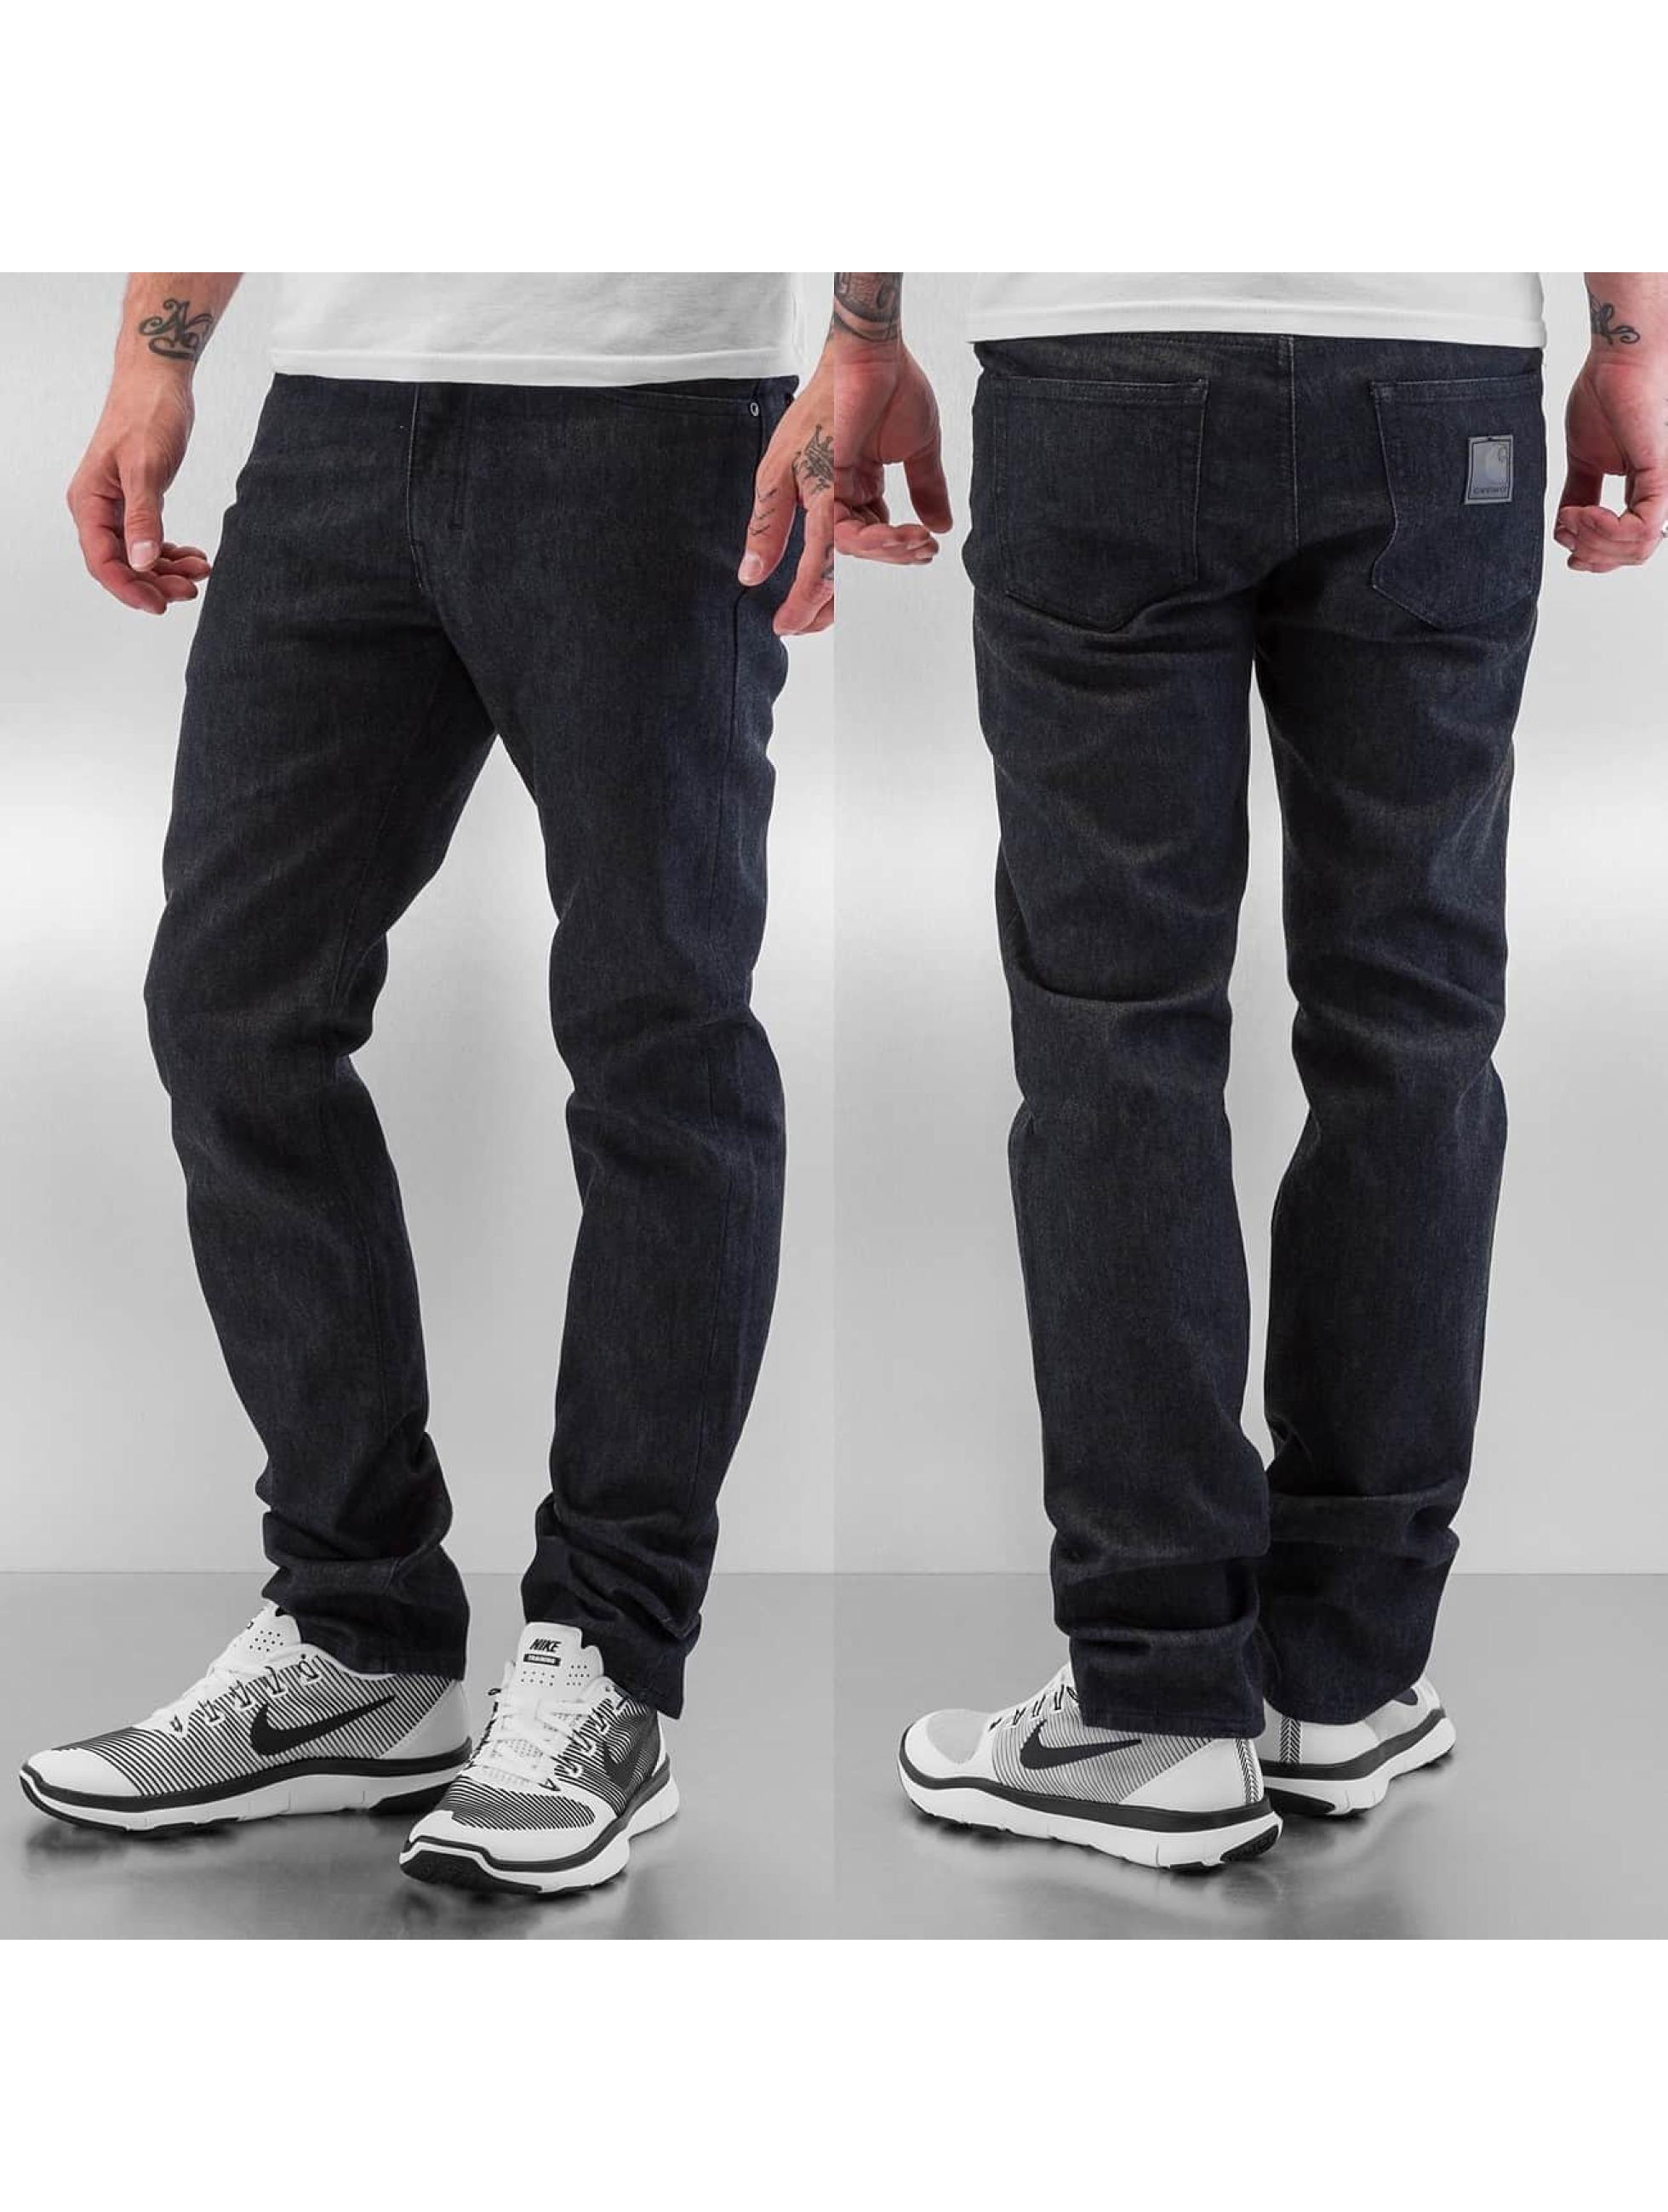 Carhartt WIP Straight Fit Jeans Cordura Rodney schwarz